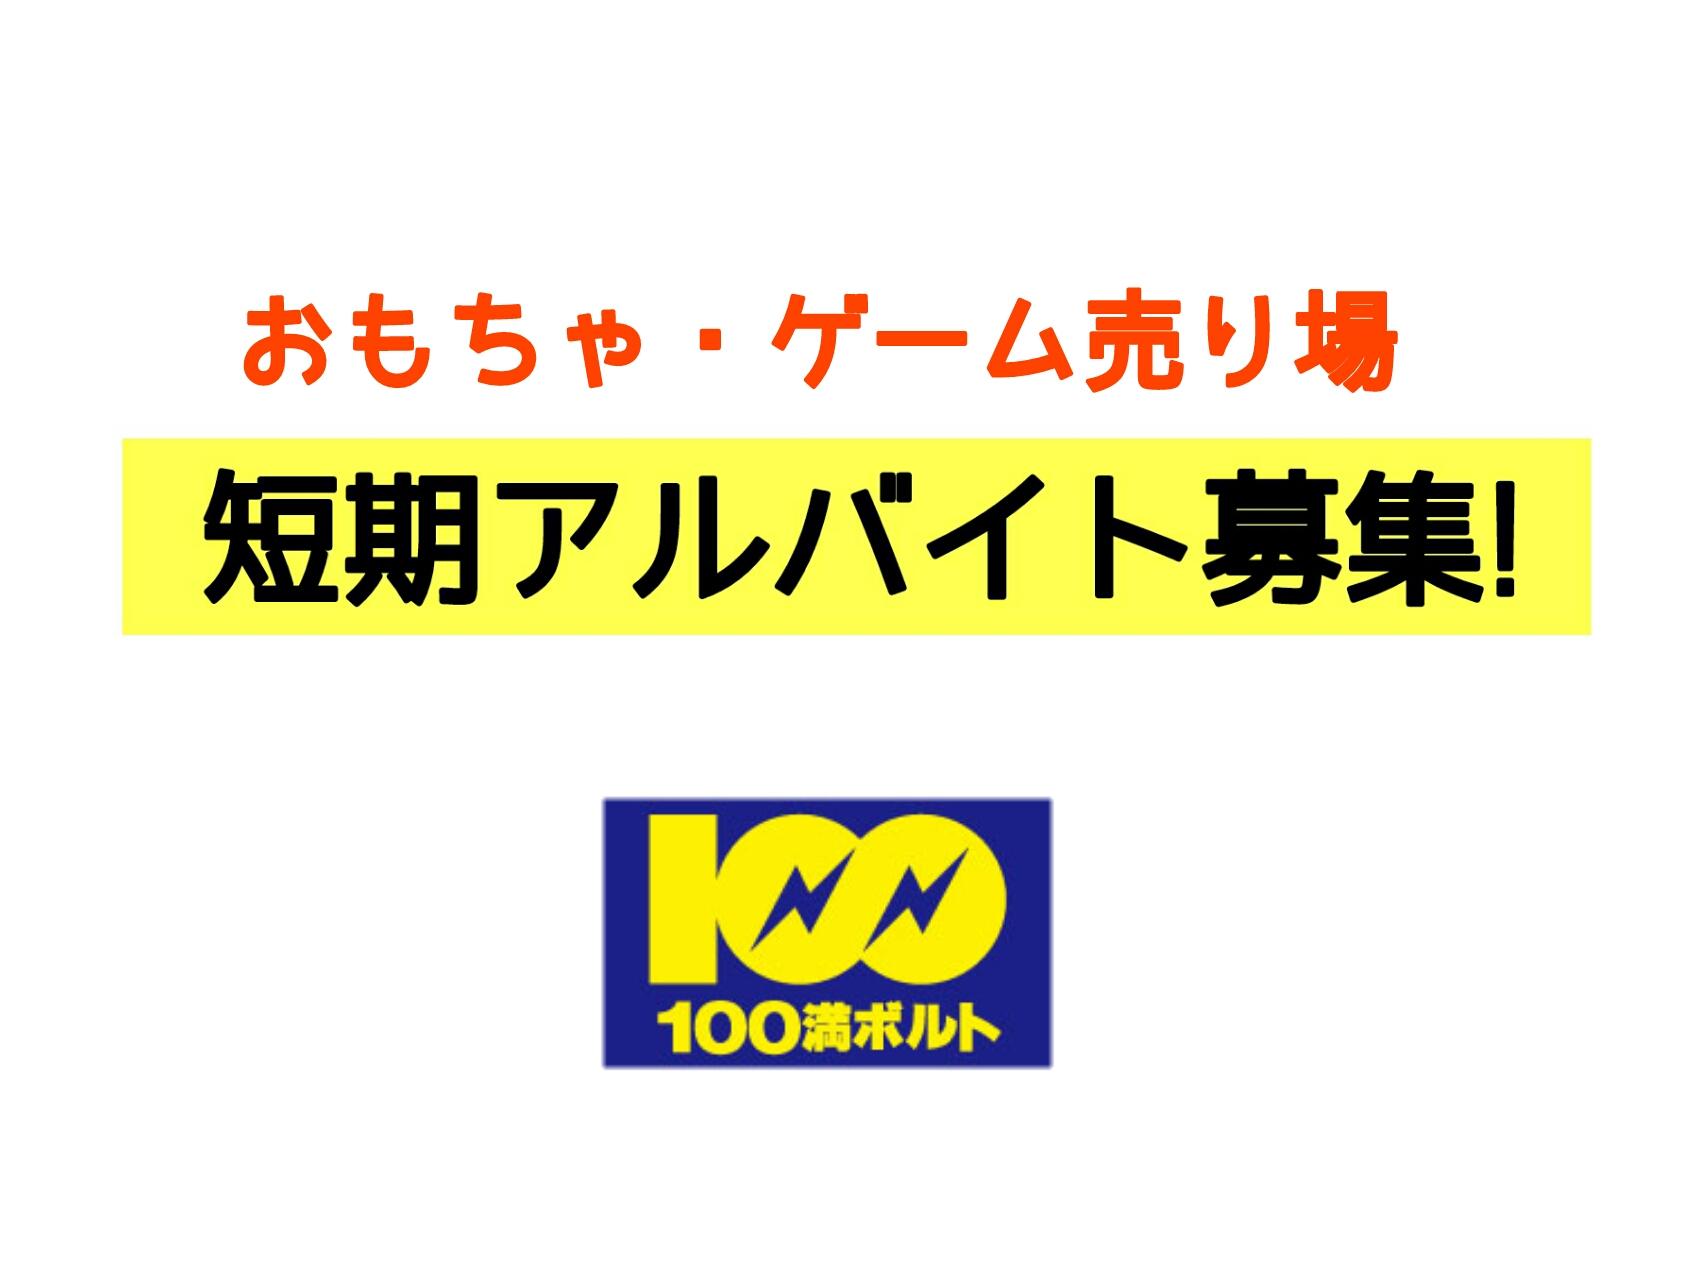 100満ボルト福井本店<br>【短期おもちゃ・ゲーム担当】